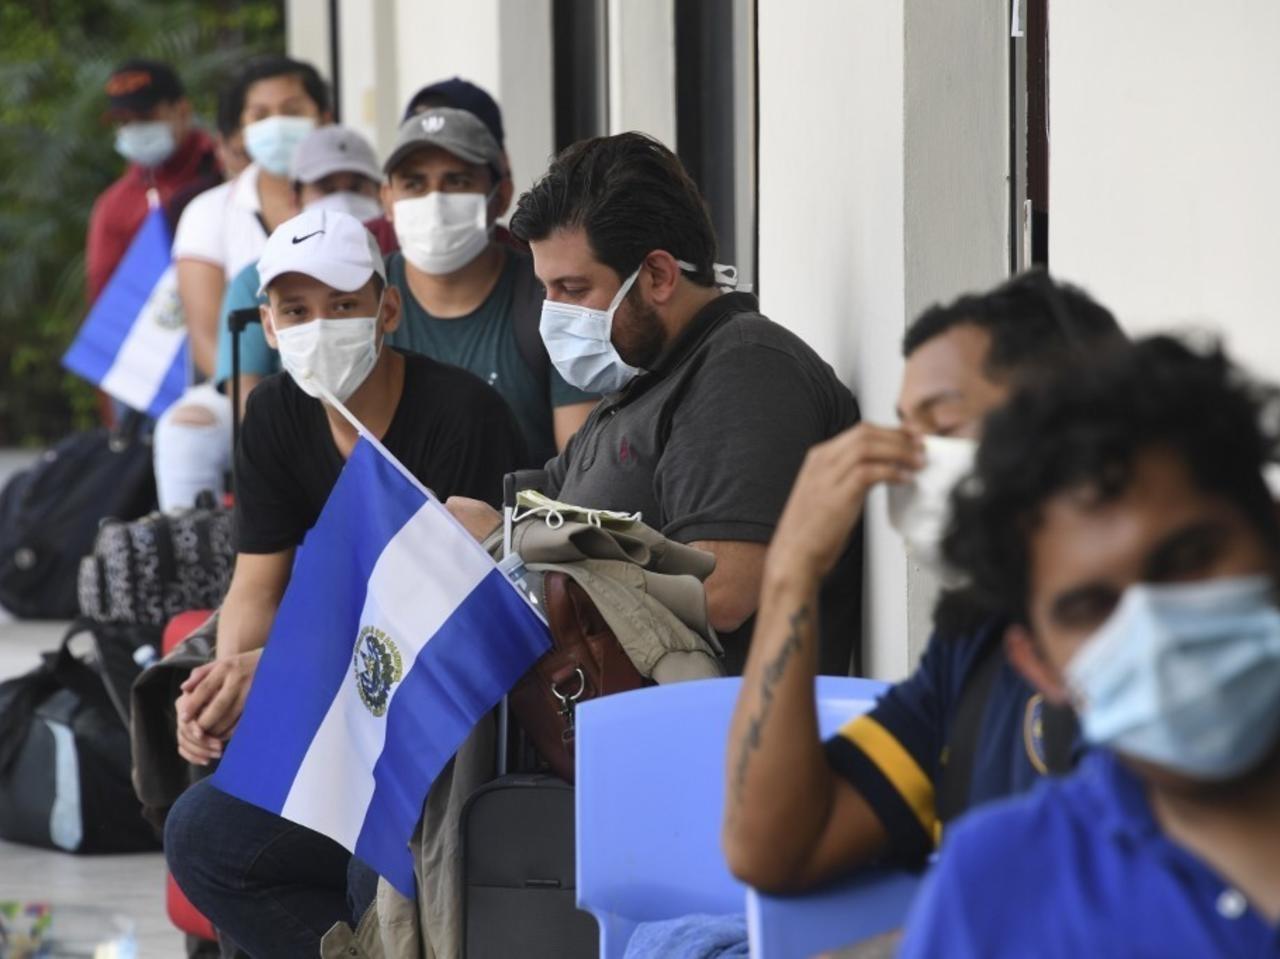 Ciudadanos de El Salvador repatriados de Honduras a su llegada a un centro para pasar la cuarentena. Foto en San Salvador, 1 de mayo de 2020. Yuri CORTEZ / AFP